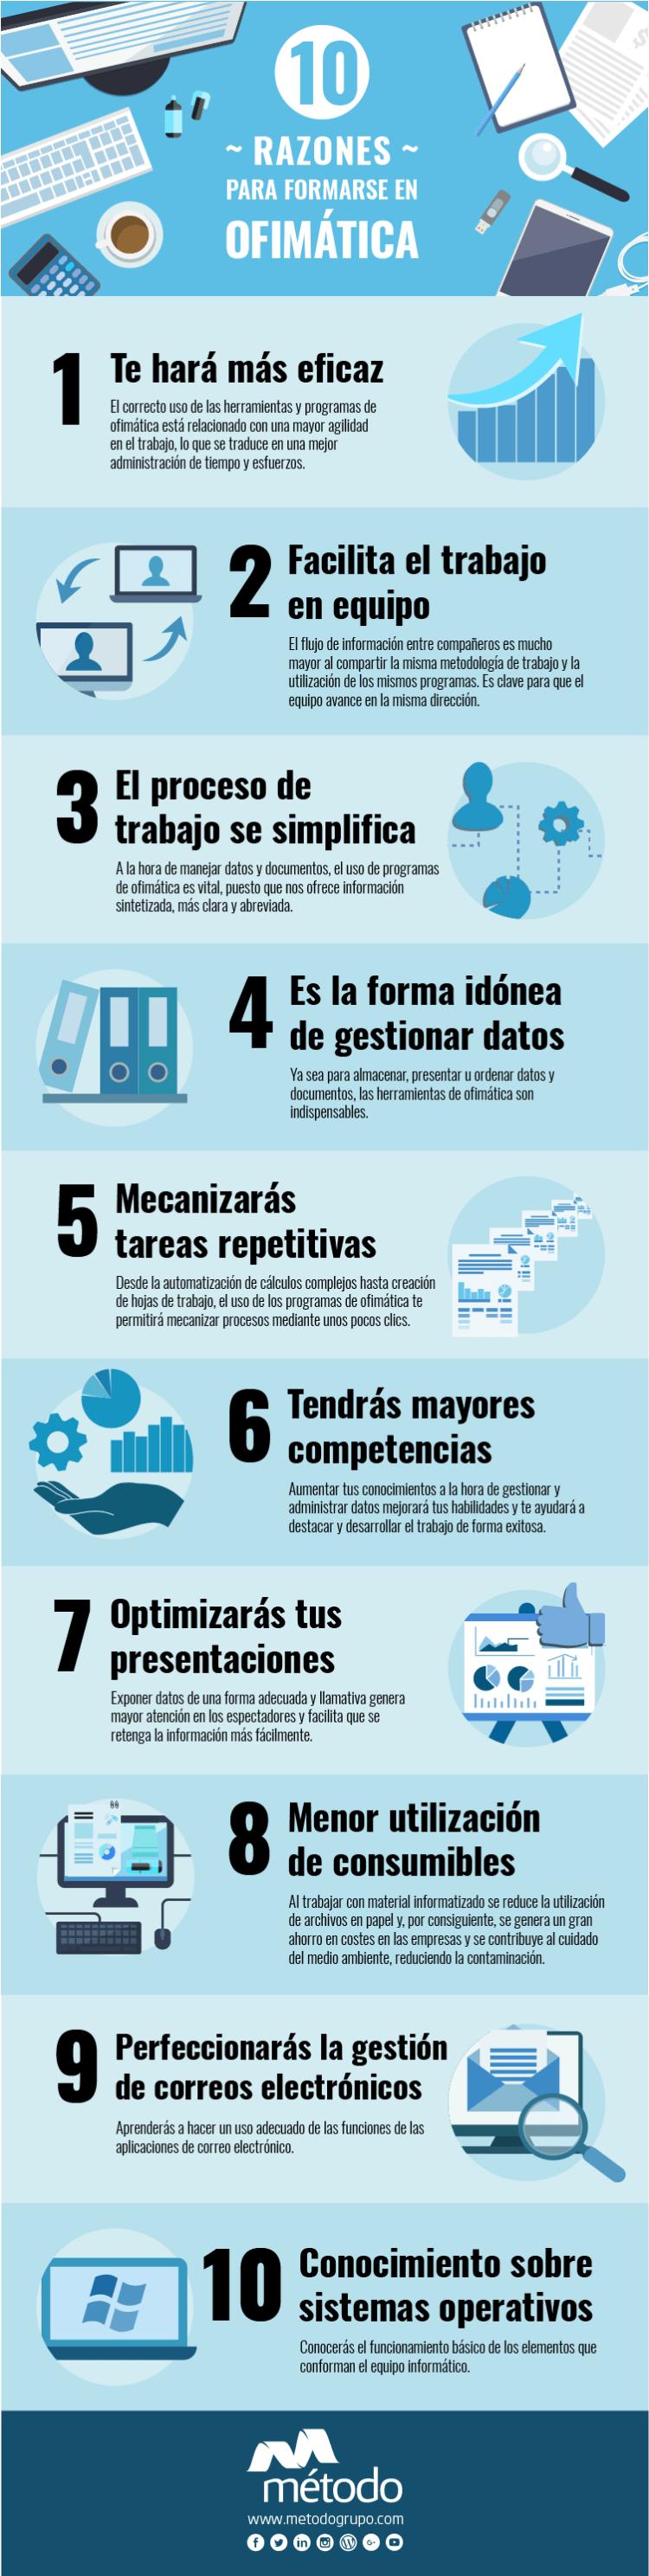 Infografía Grupo Método 10 razones para formarse en Ofimática